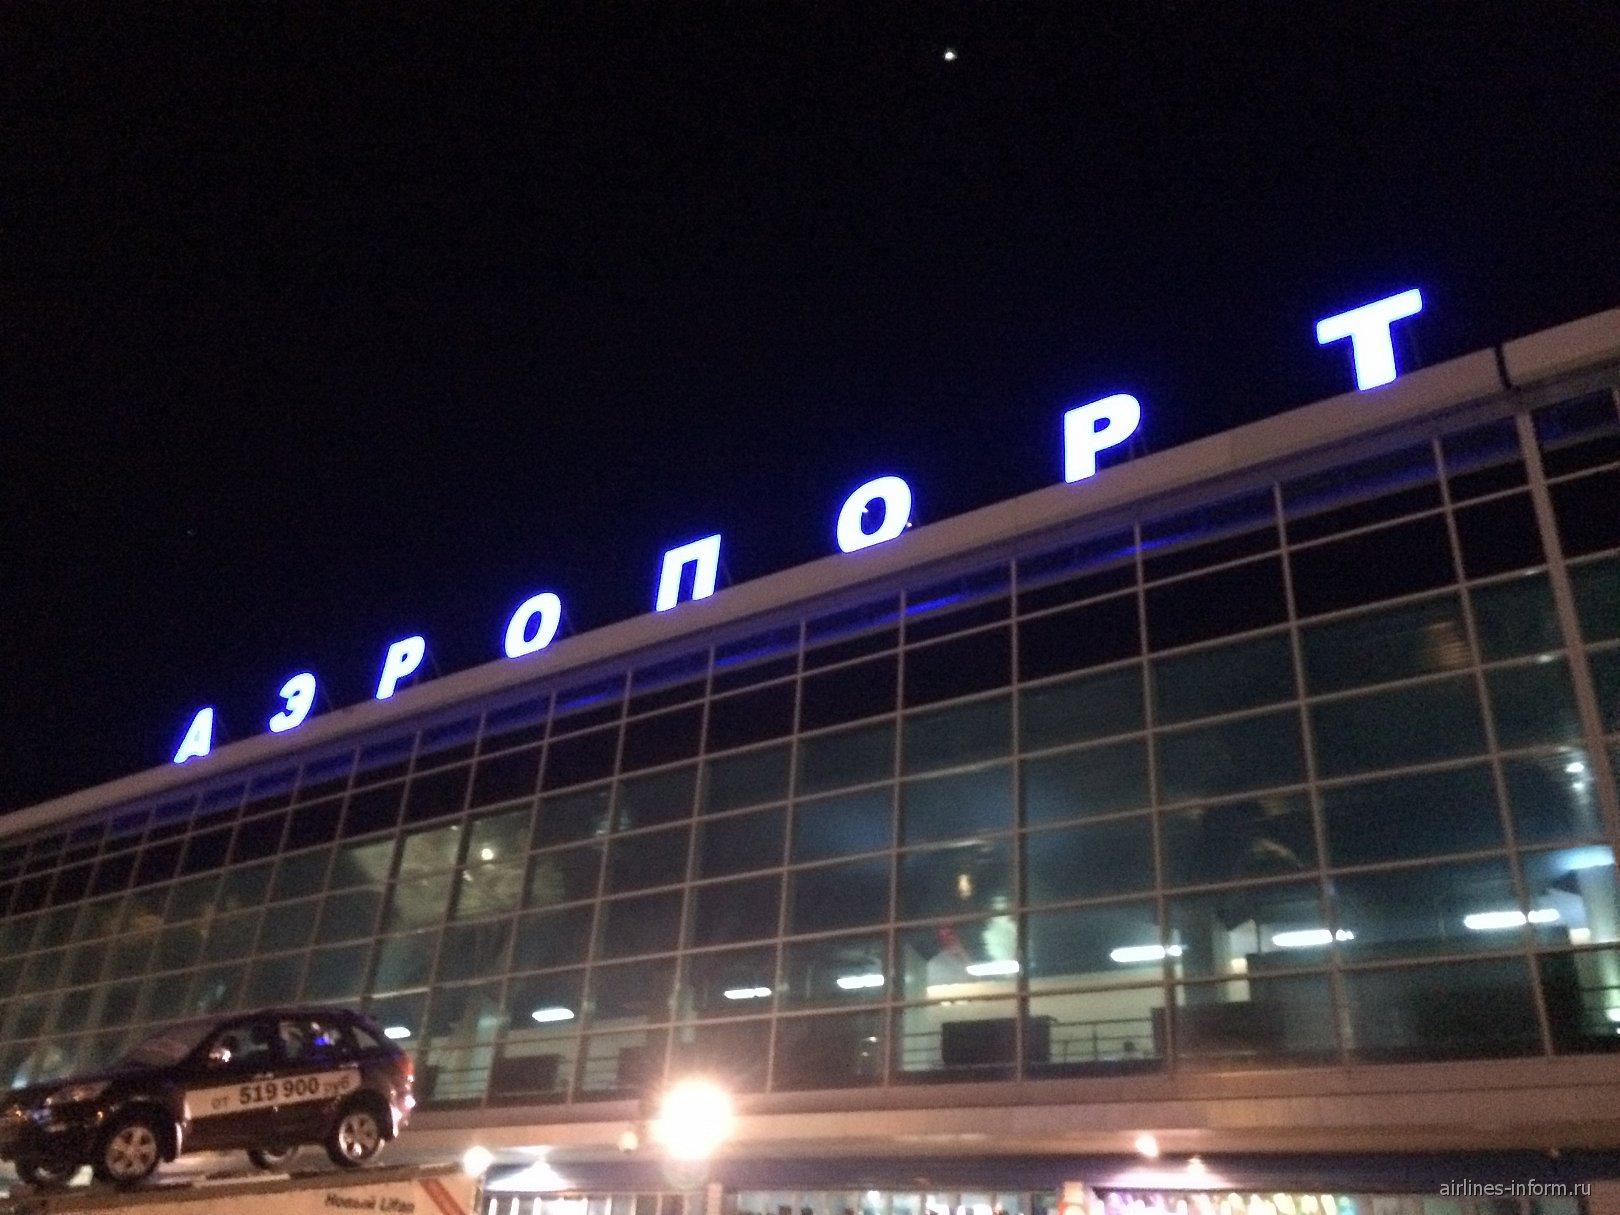 Иркутск-Москва-Сочи (IKT-SVO-AER) Аэрофлот